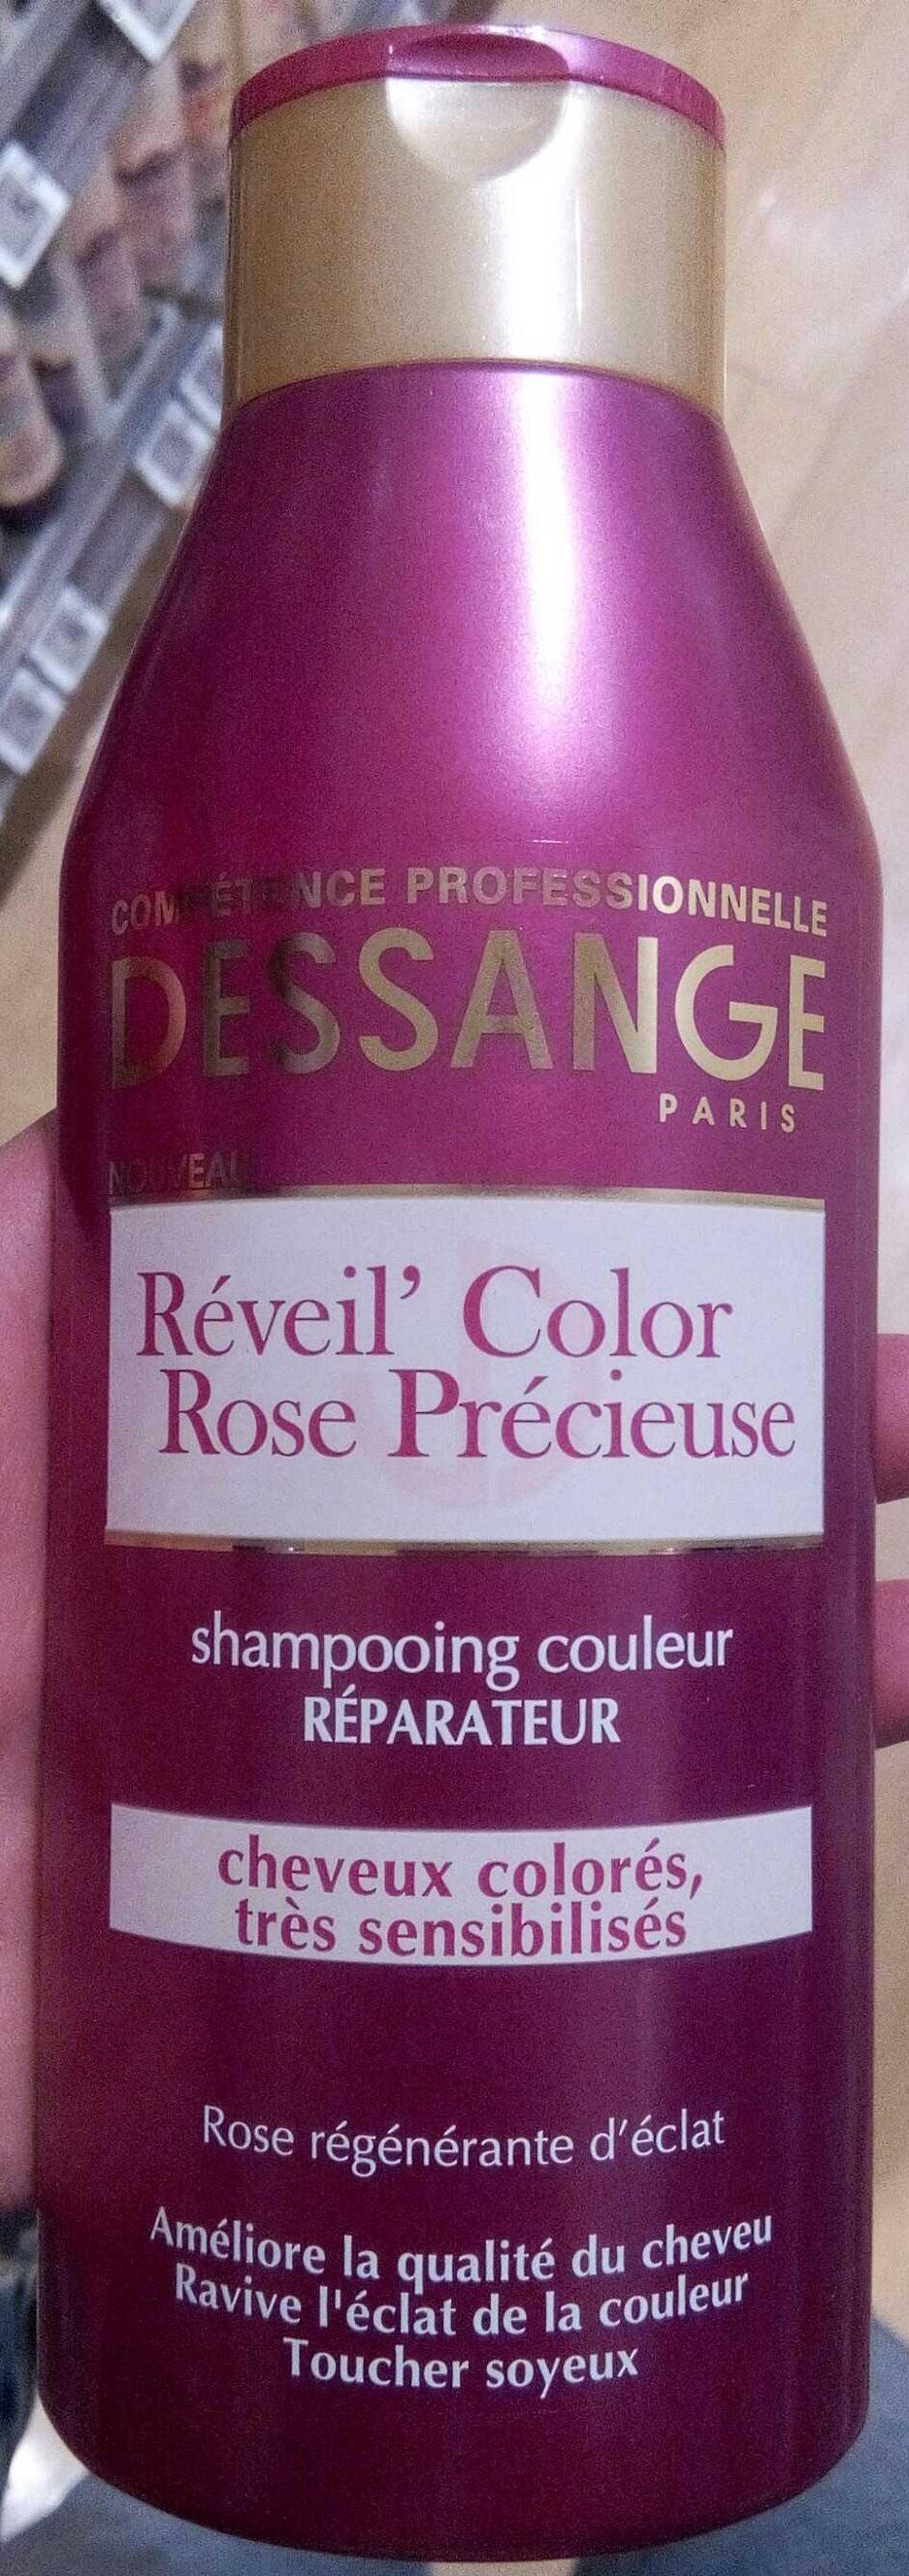 Shampooing couleur répateur - Product